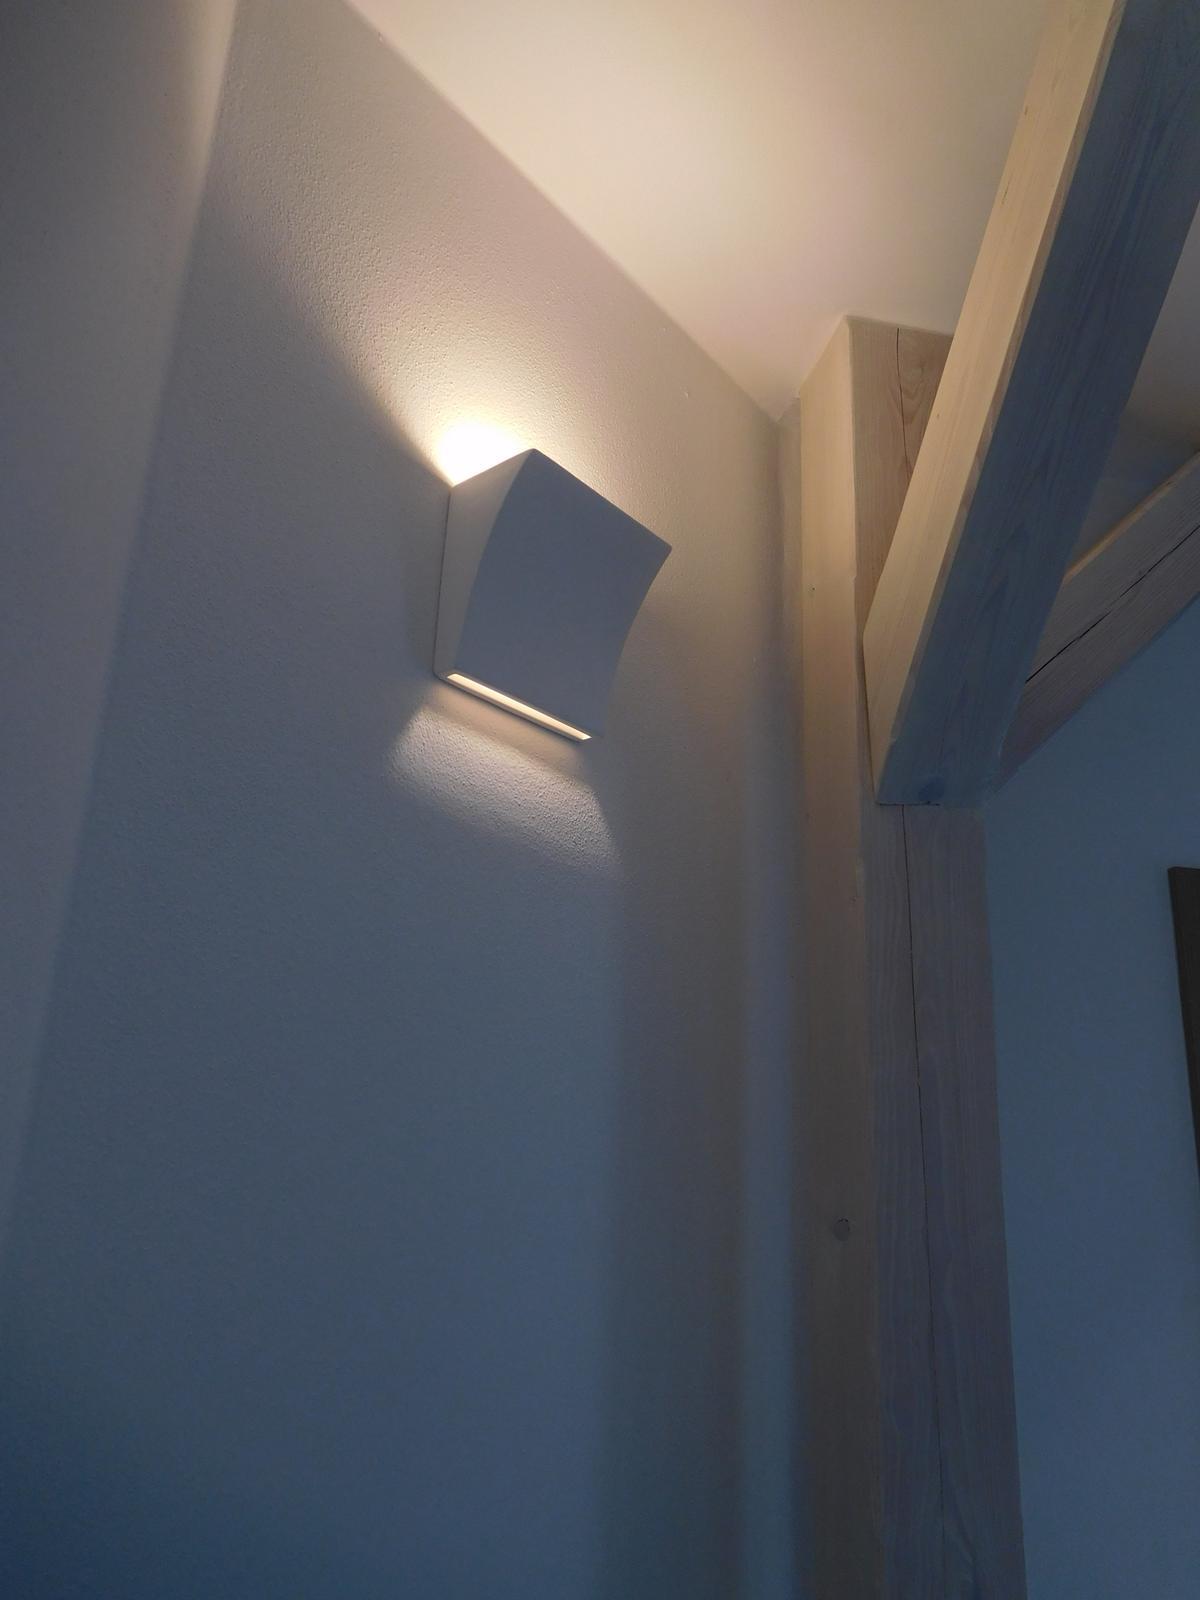 Náš nový domov - Nová světla v patře na chodbě.